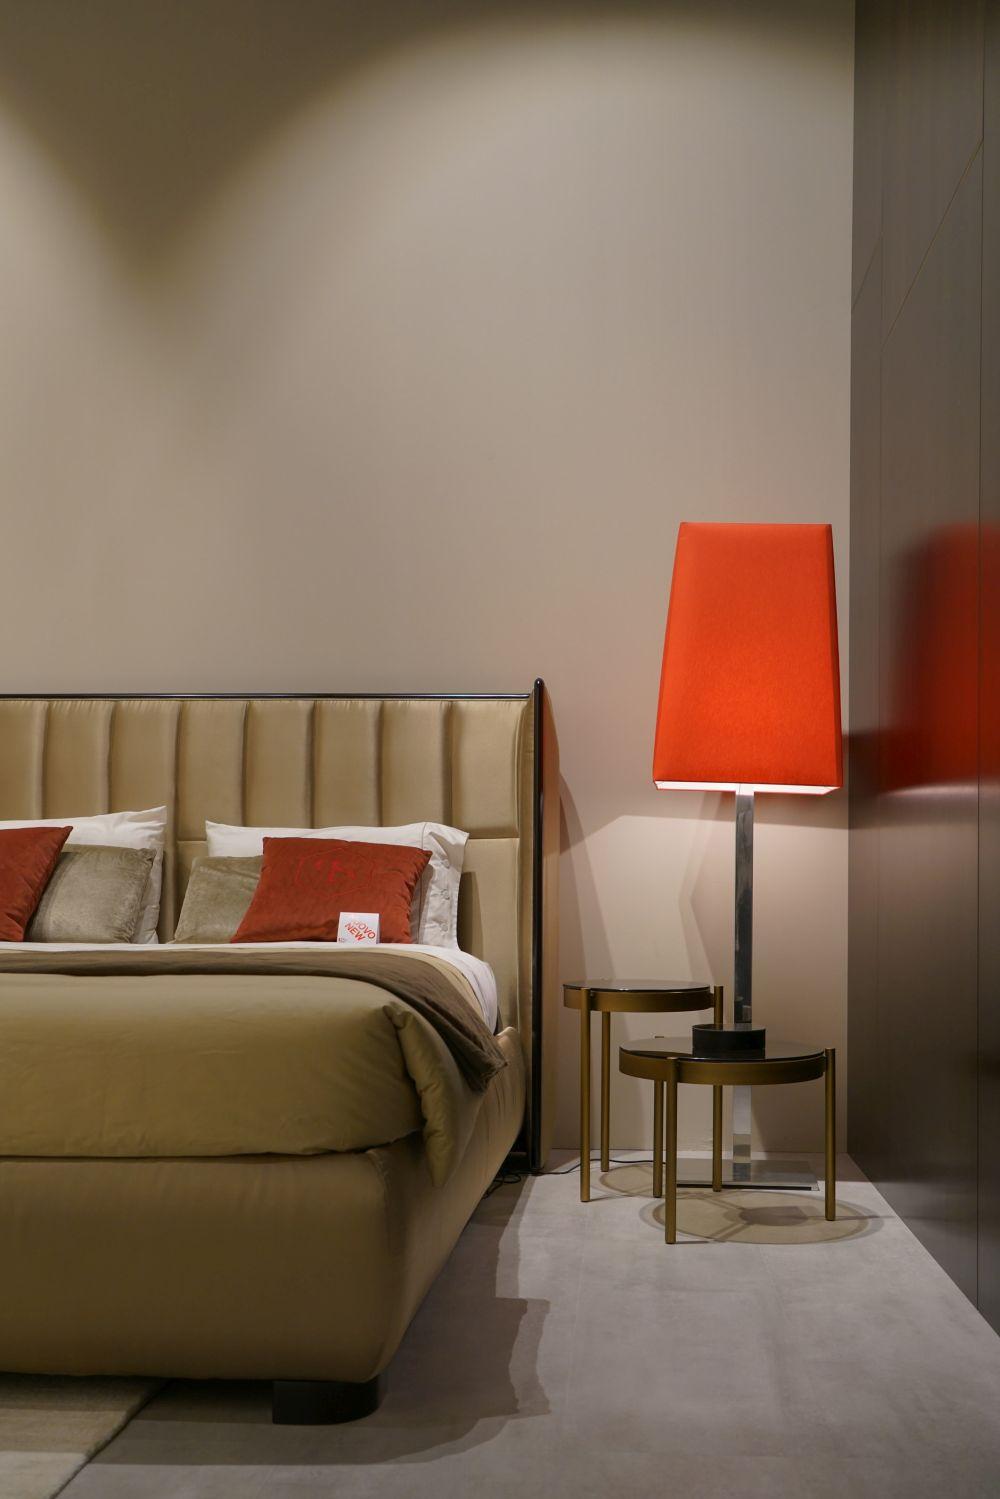 đèn bàn màu đỏ trong phòng ngủ